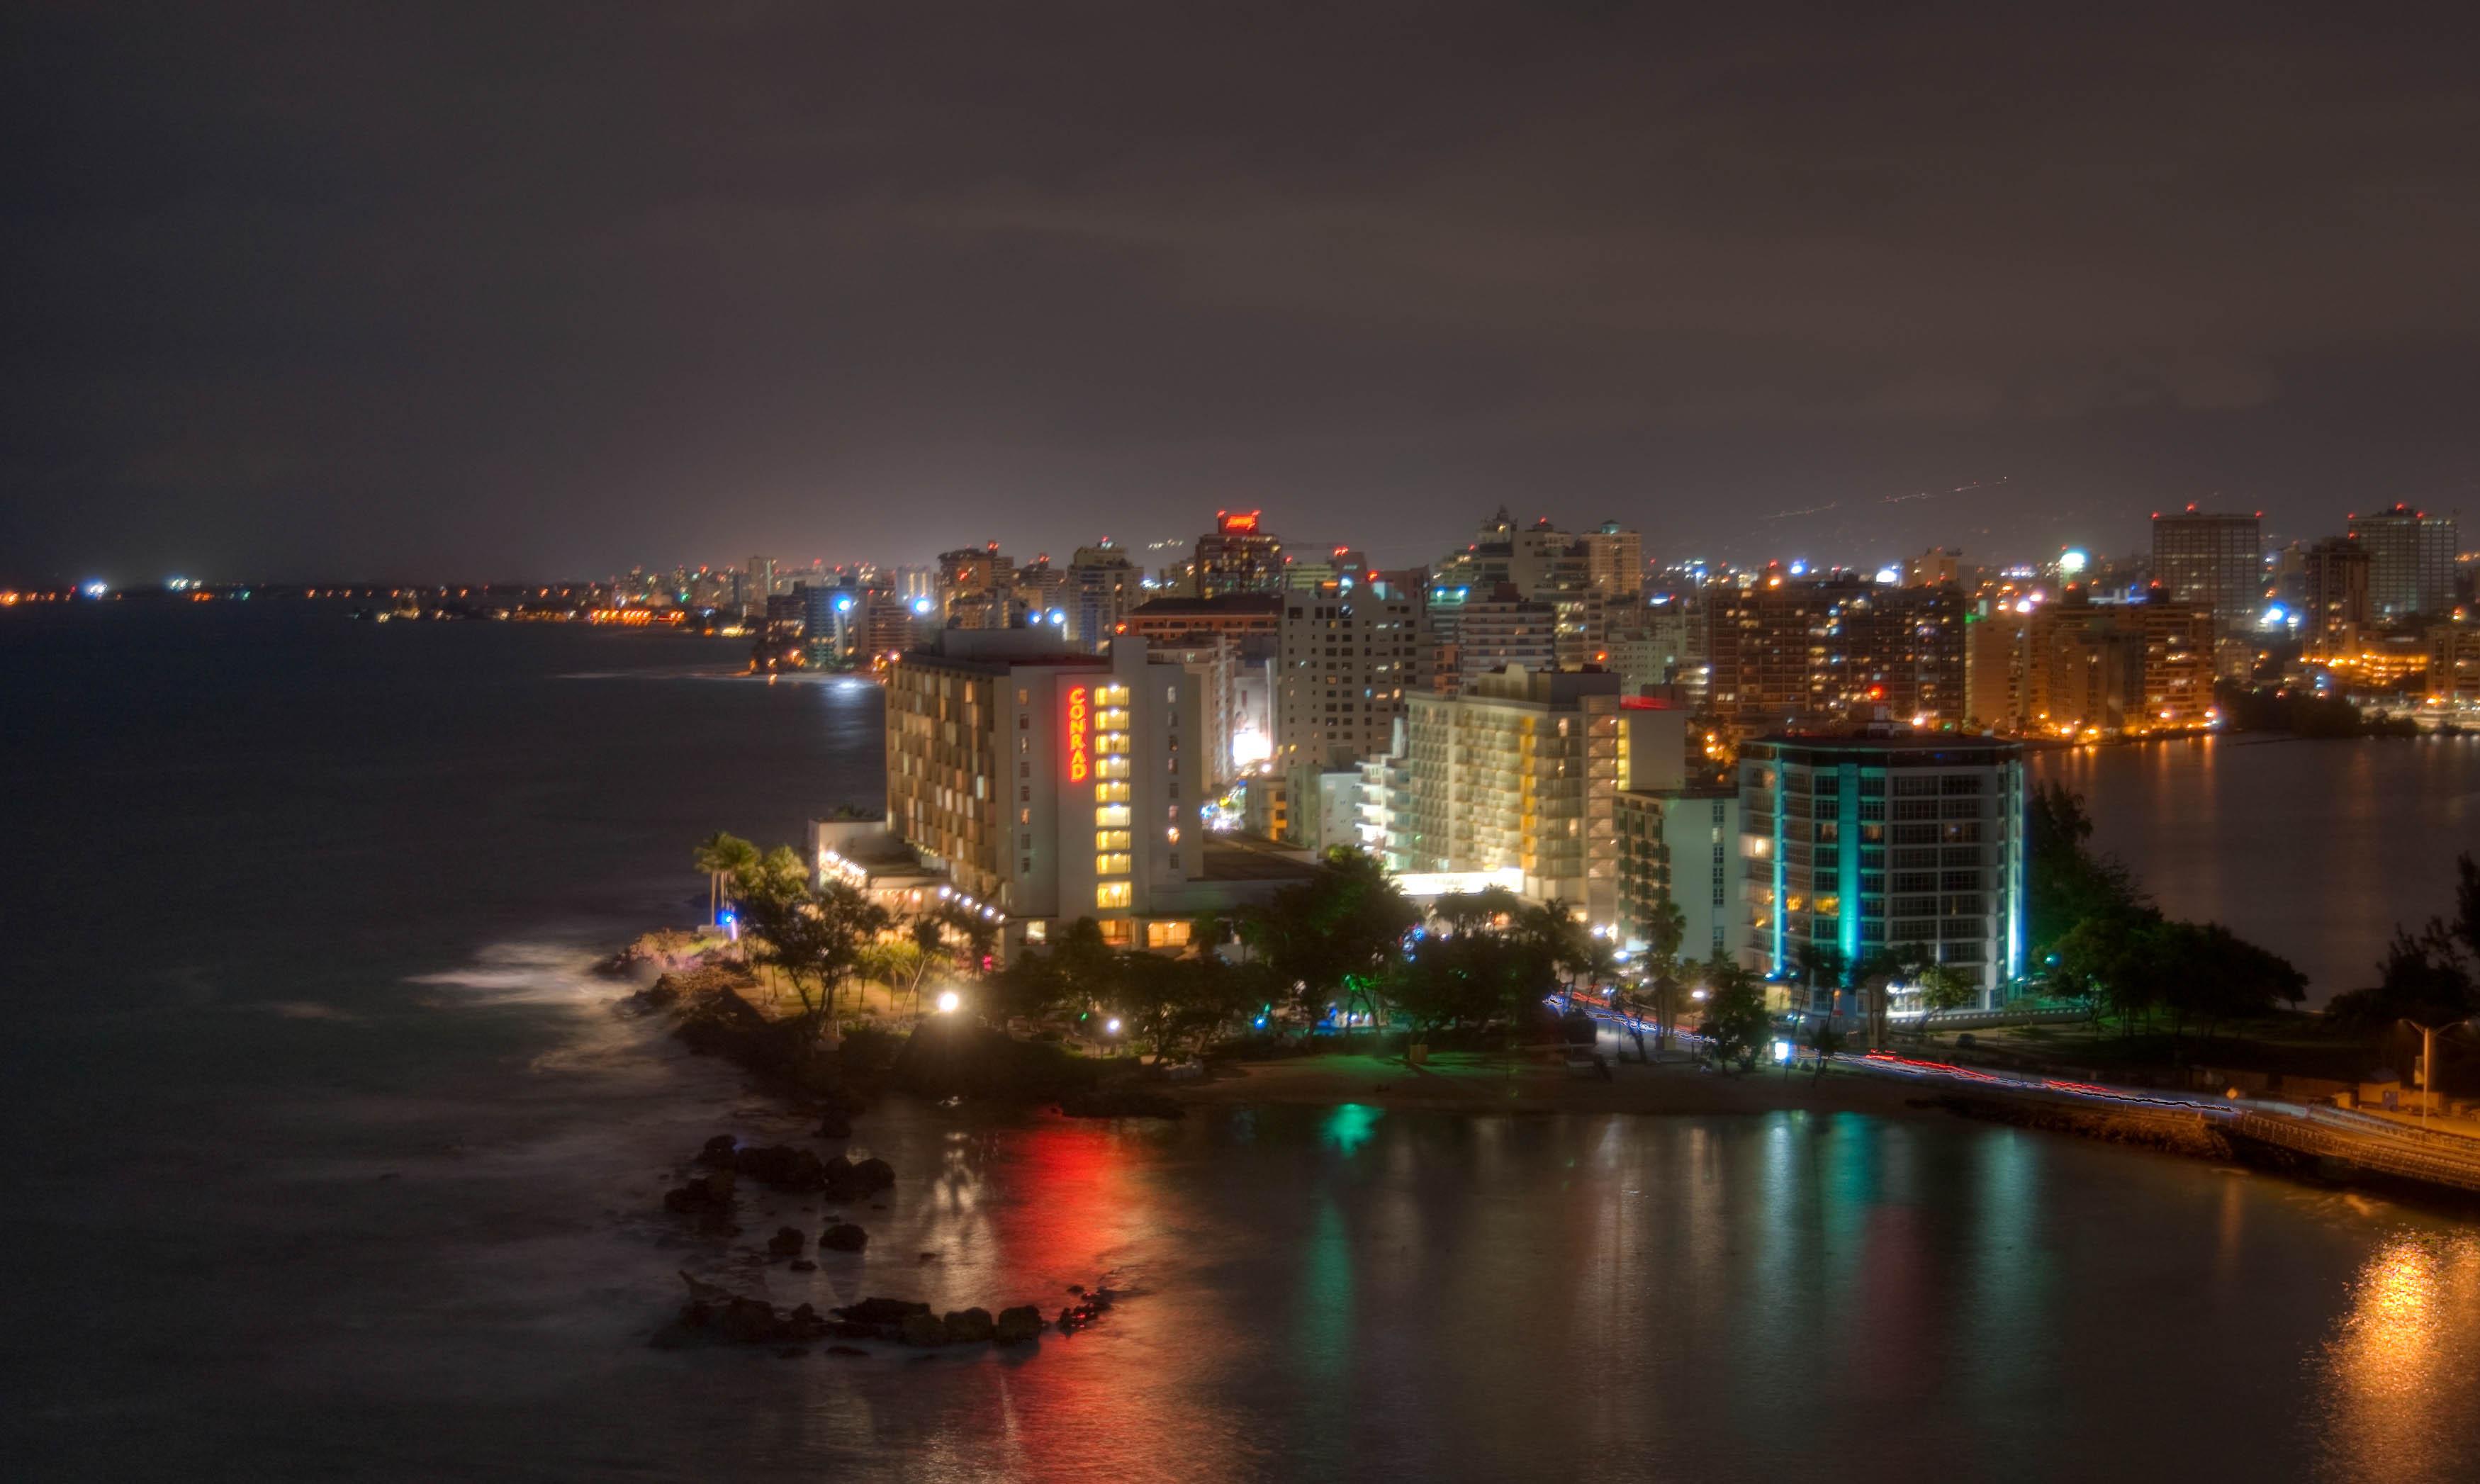 Conrad Hilton San Juan Puerto Rico Conrad Hilton San Juan